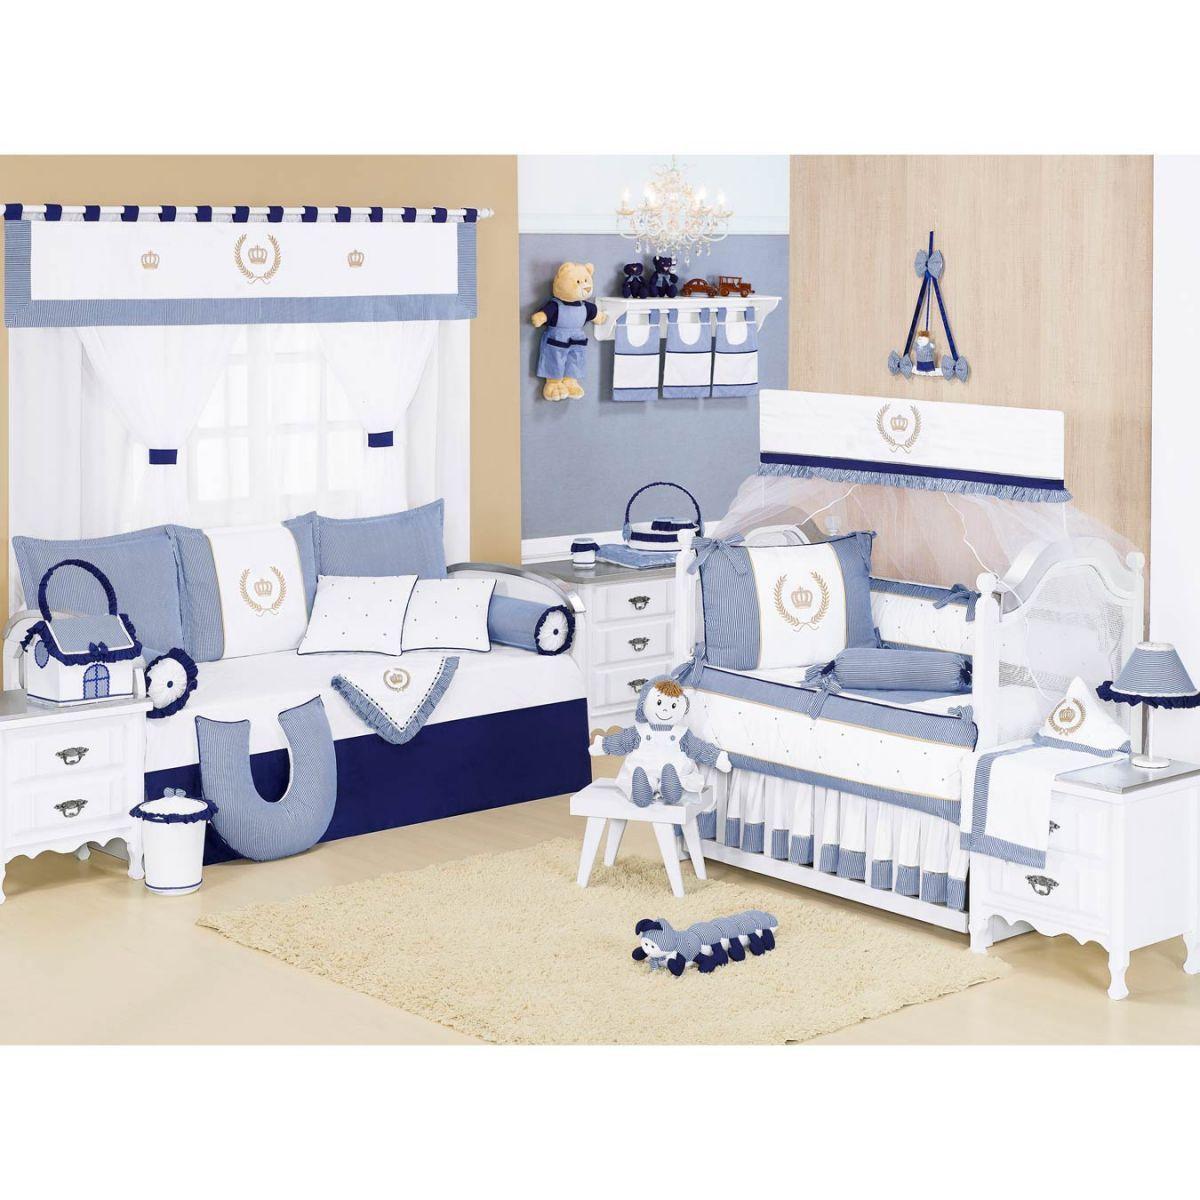 Farmacinha Enfeitada para Quarto de Bebê - Coleção Majestade Marinho